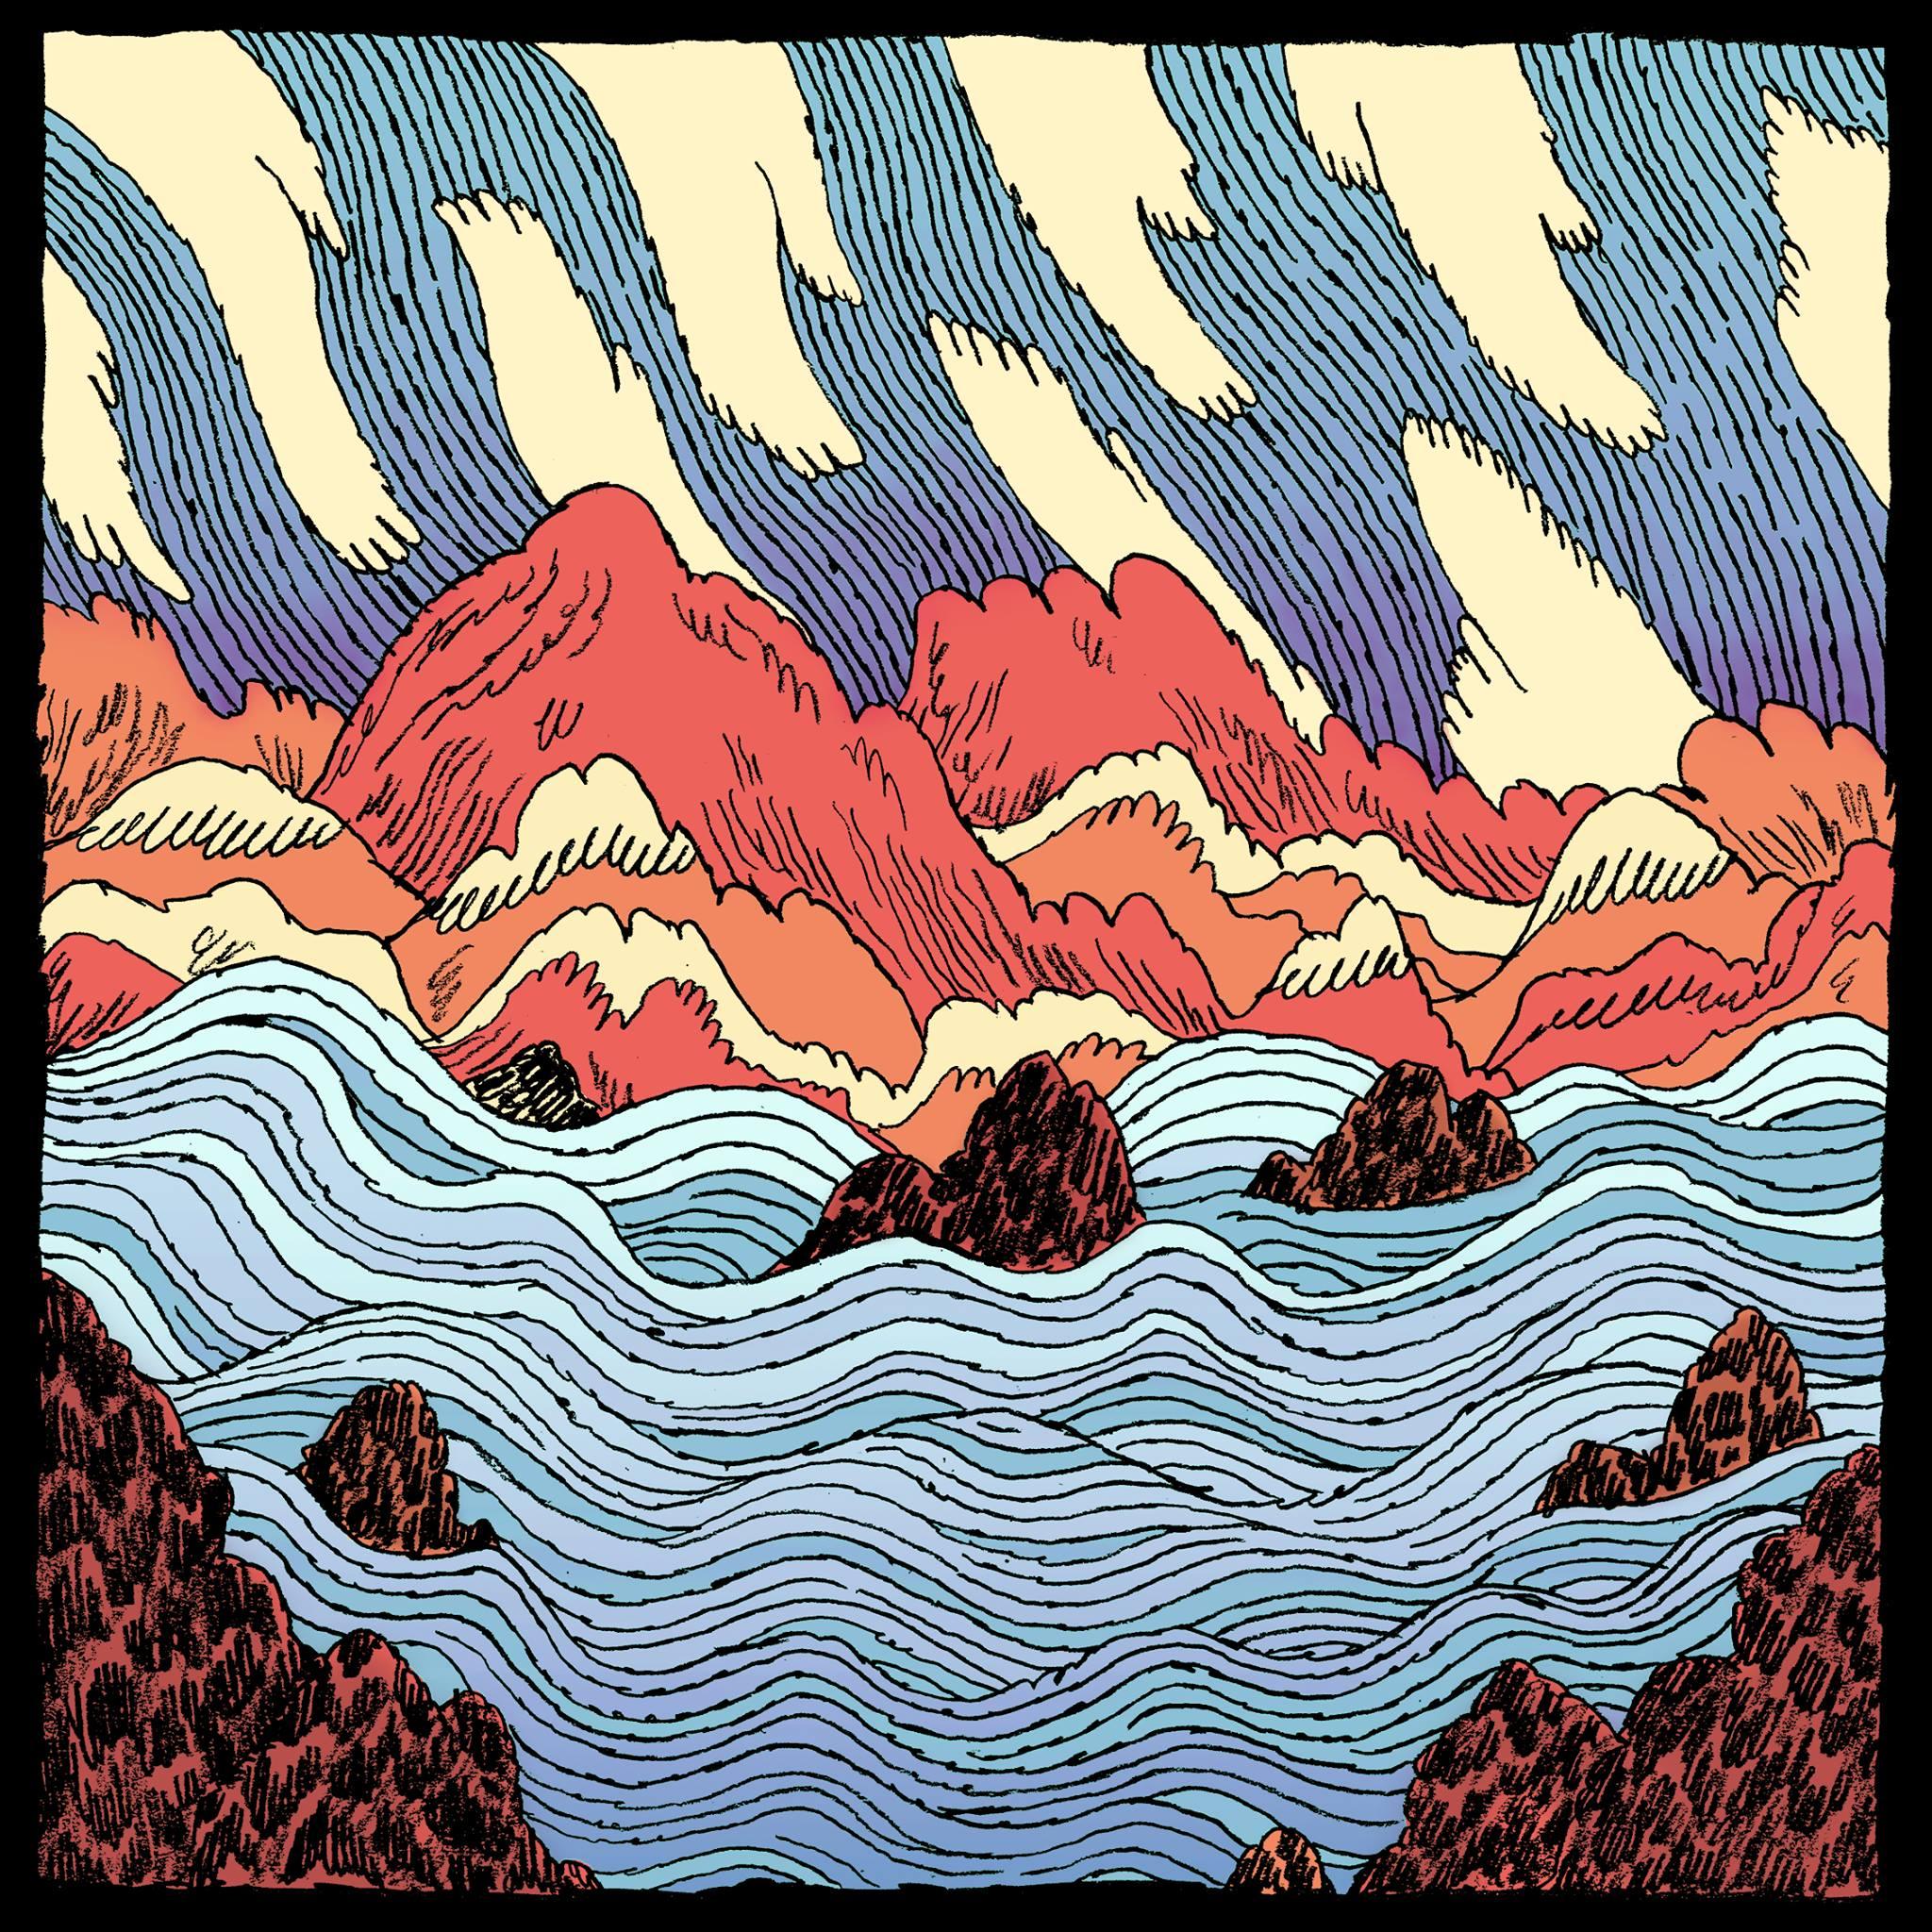 Couverture d'album du EP Once a Fisherman from Spain de Okies, réalisée par    Philippe Shewchenko   .